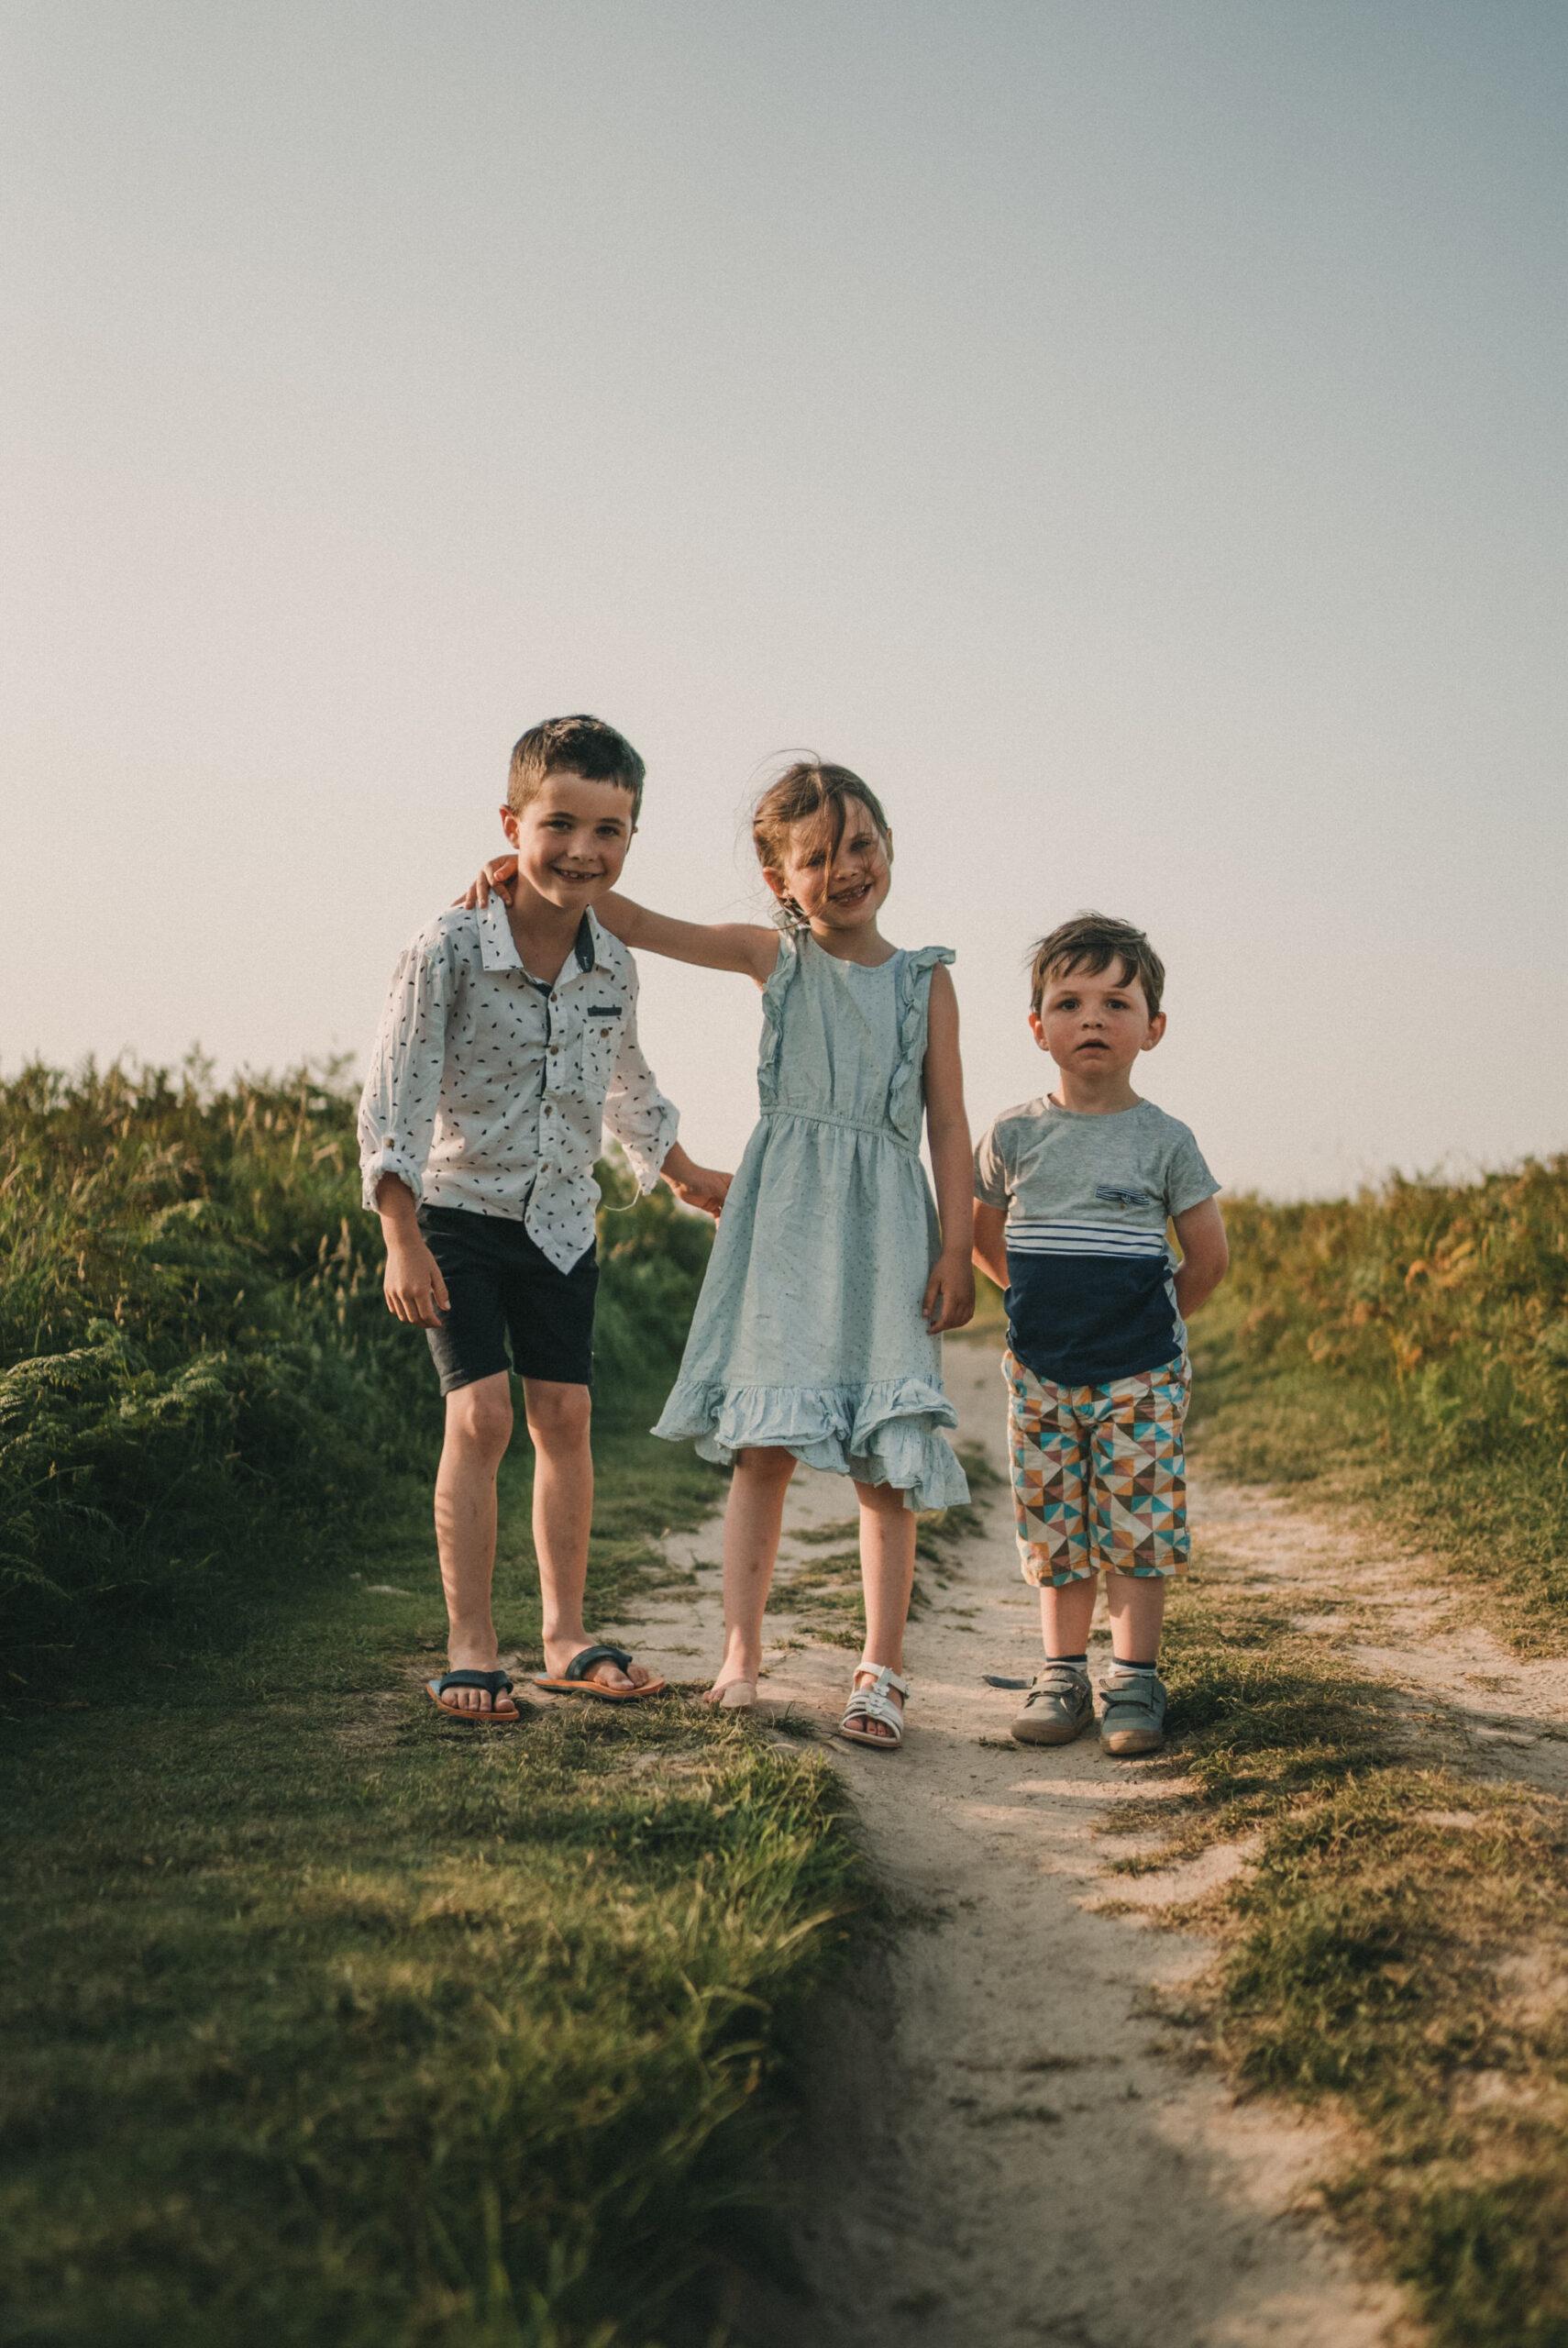 2021.07.20 Photo De Famille A Porspoder En Bretagne Par Antoine Borzeix 18 Scaled, Photographe & Videaste à Brest / Finistère